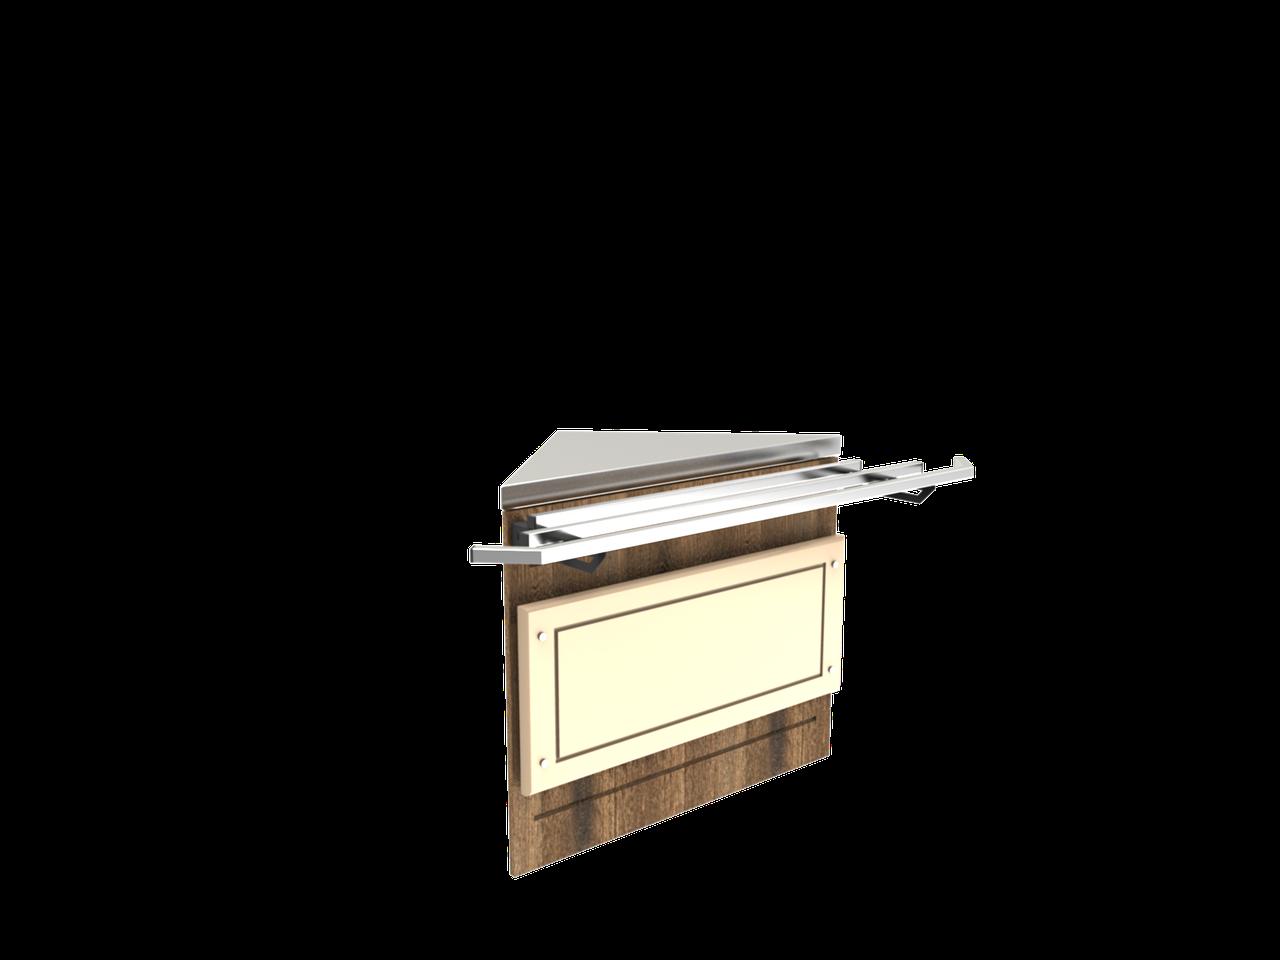 Прилавок нейтральный угловой внешний 45 градусов LU10 Steel 45